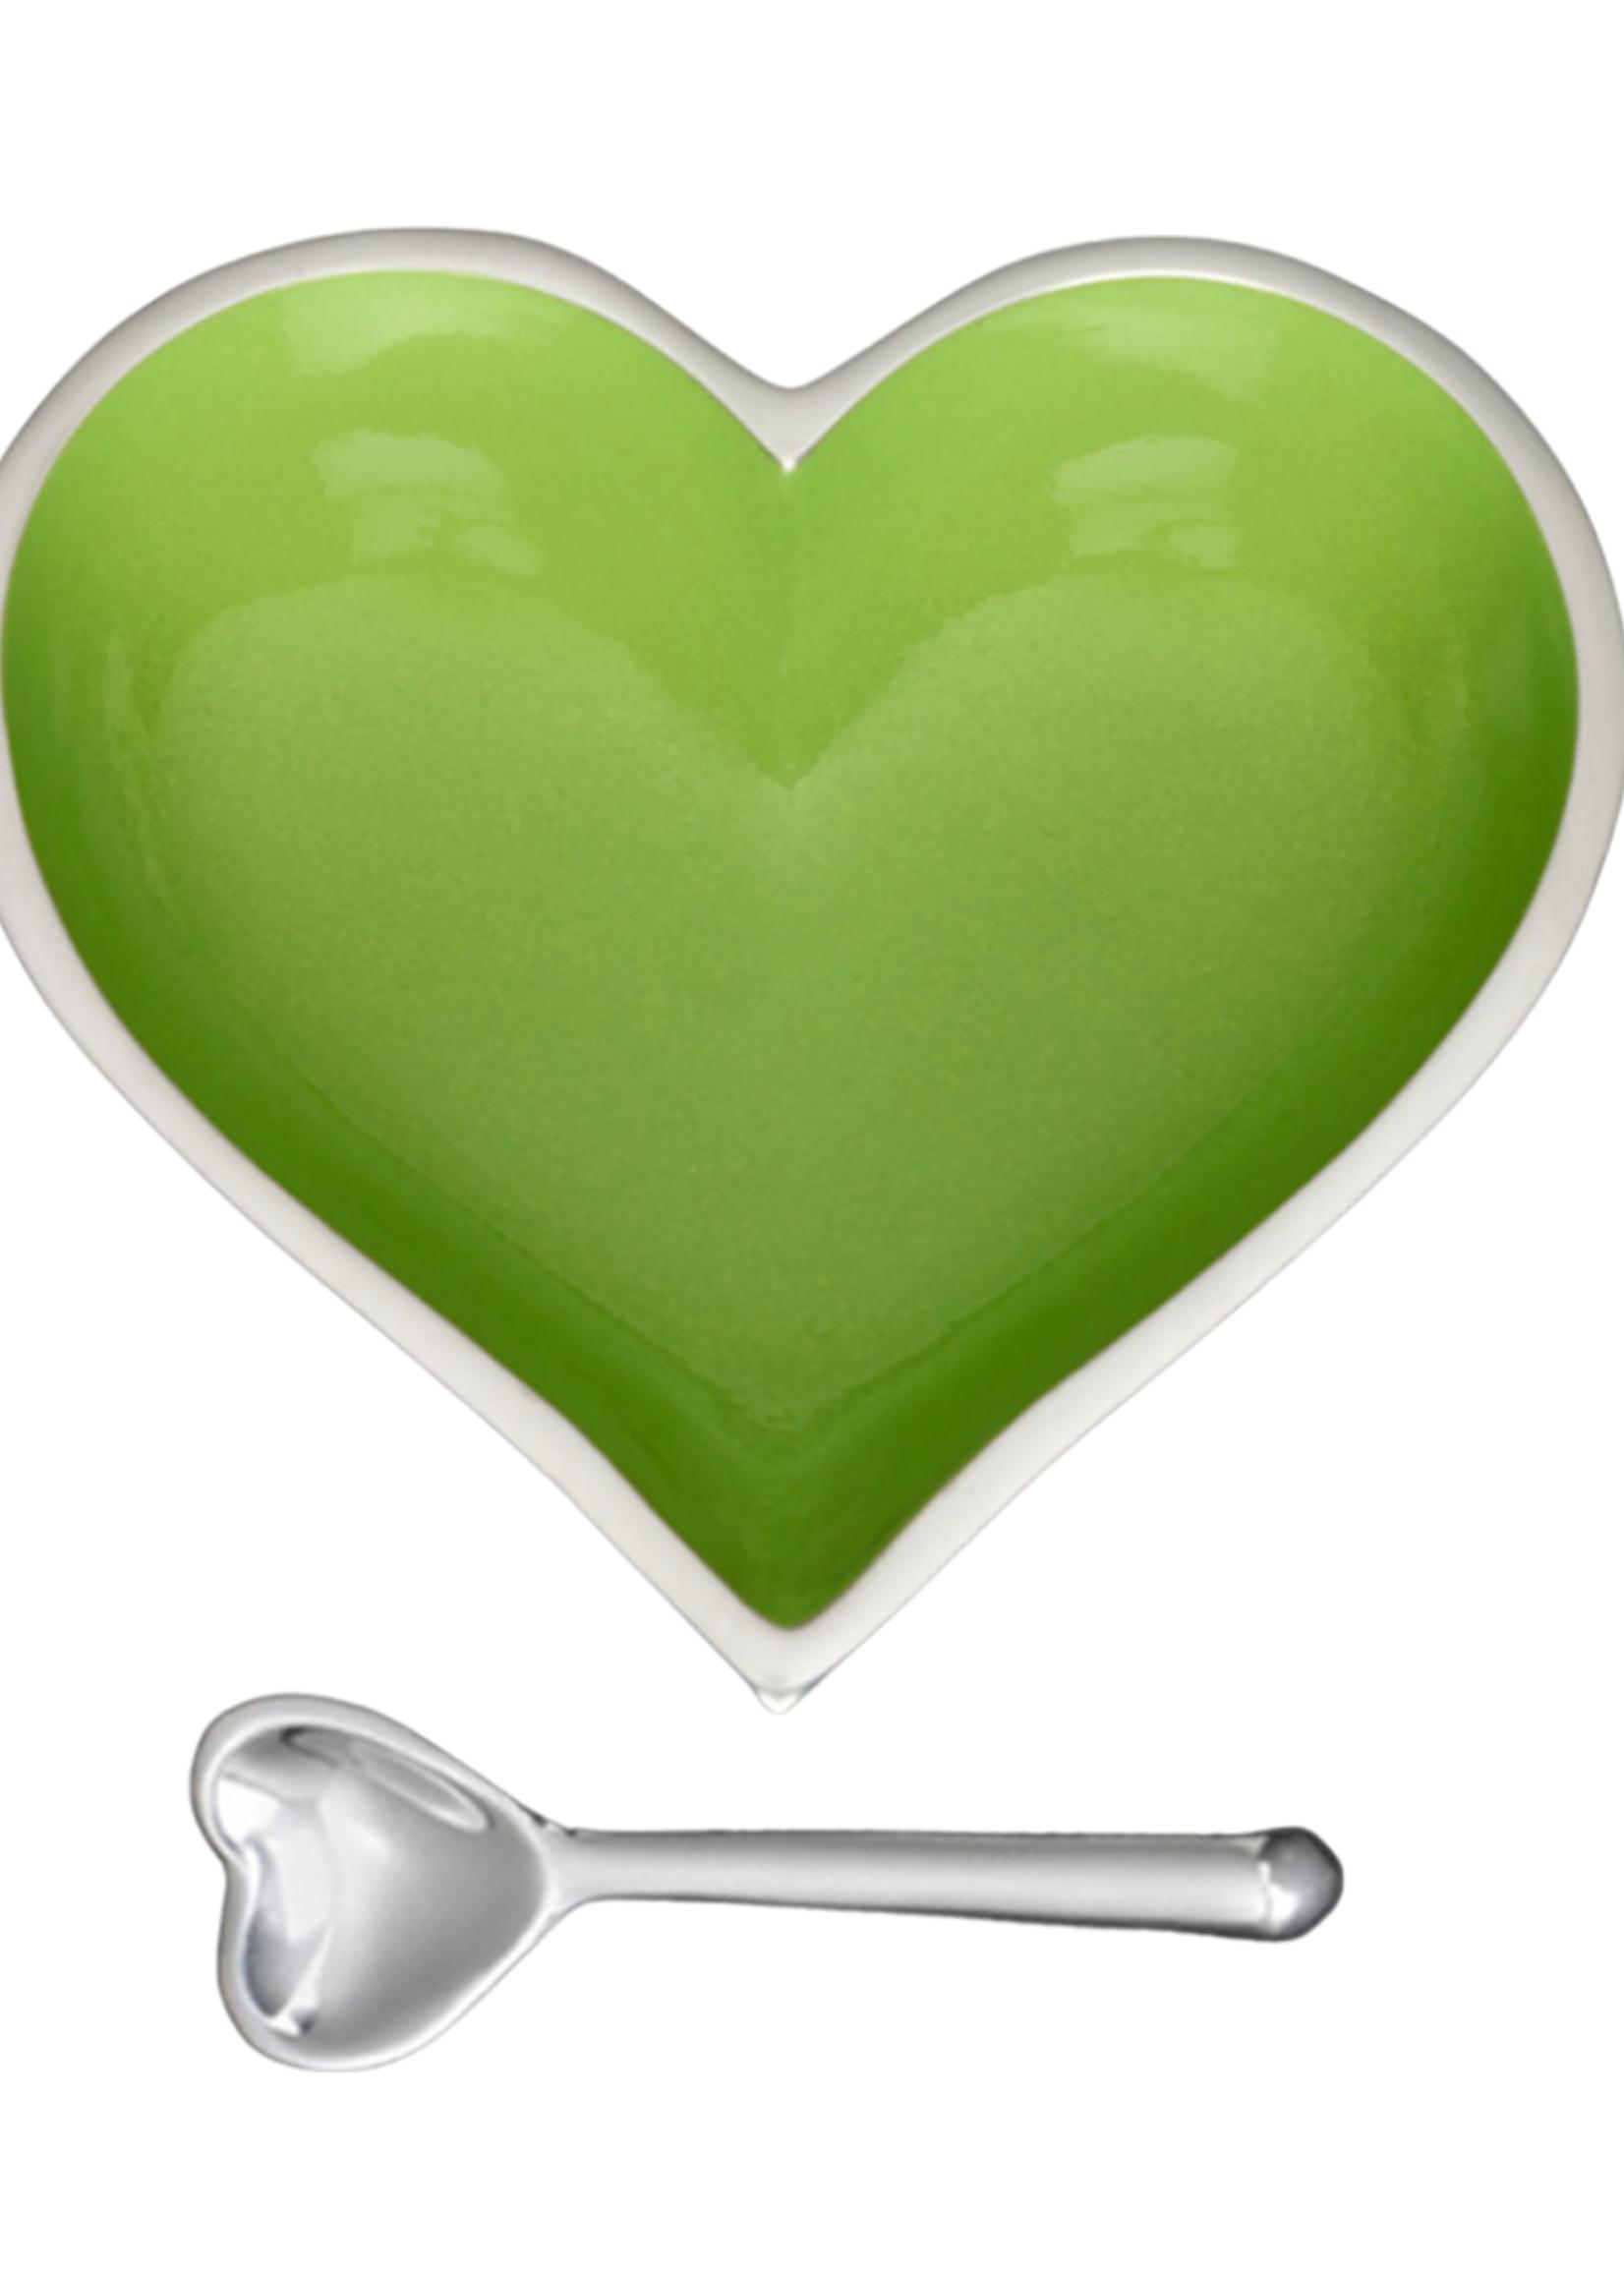 Happy Heart Bowl w Spoon // Granny Smith